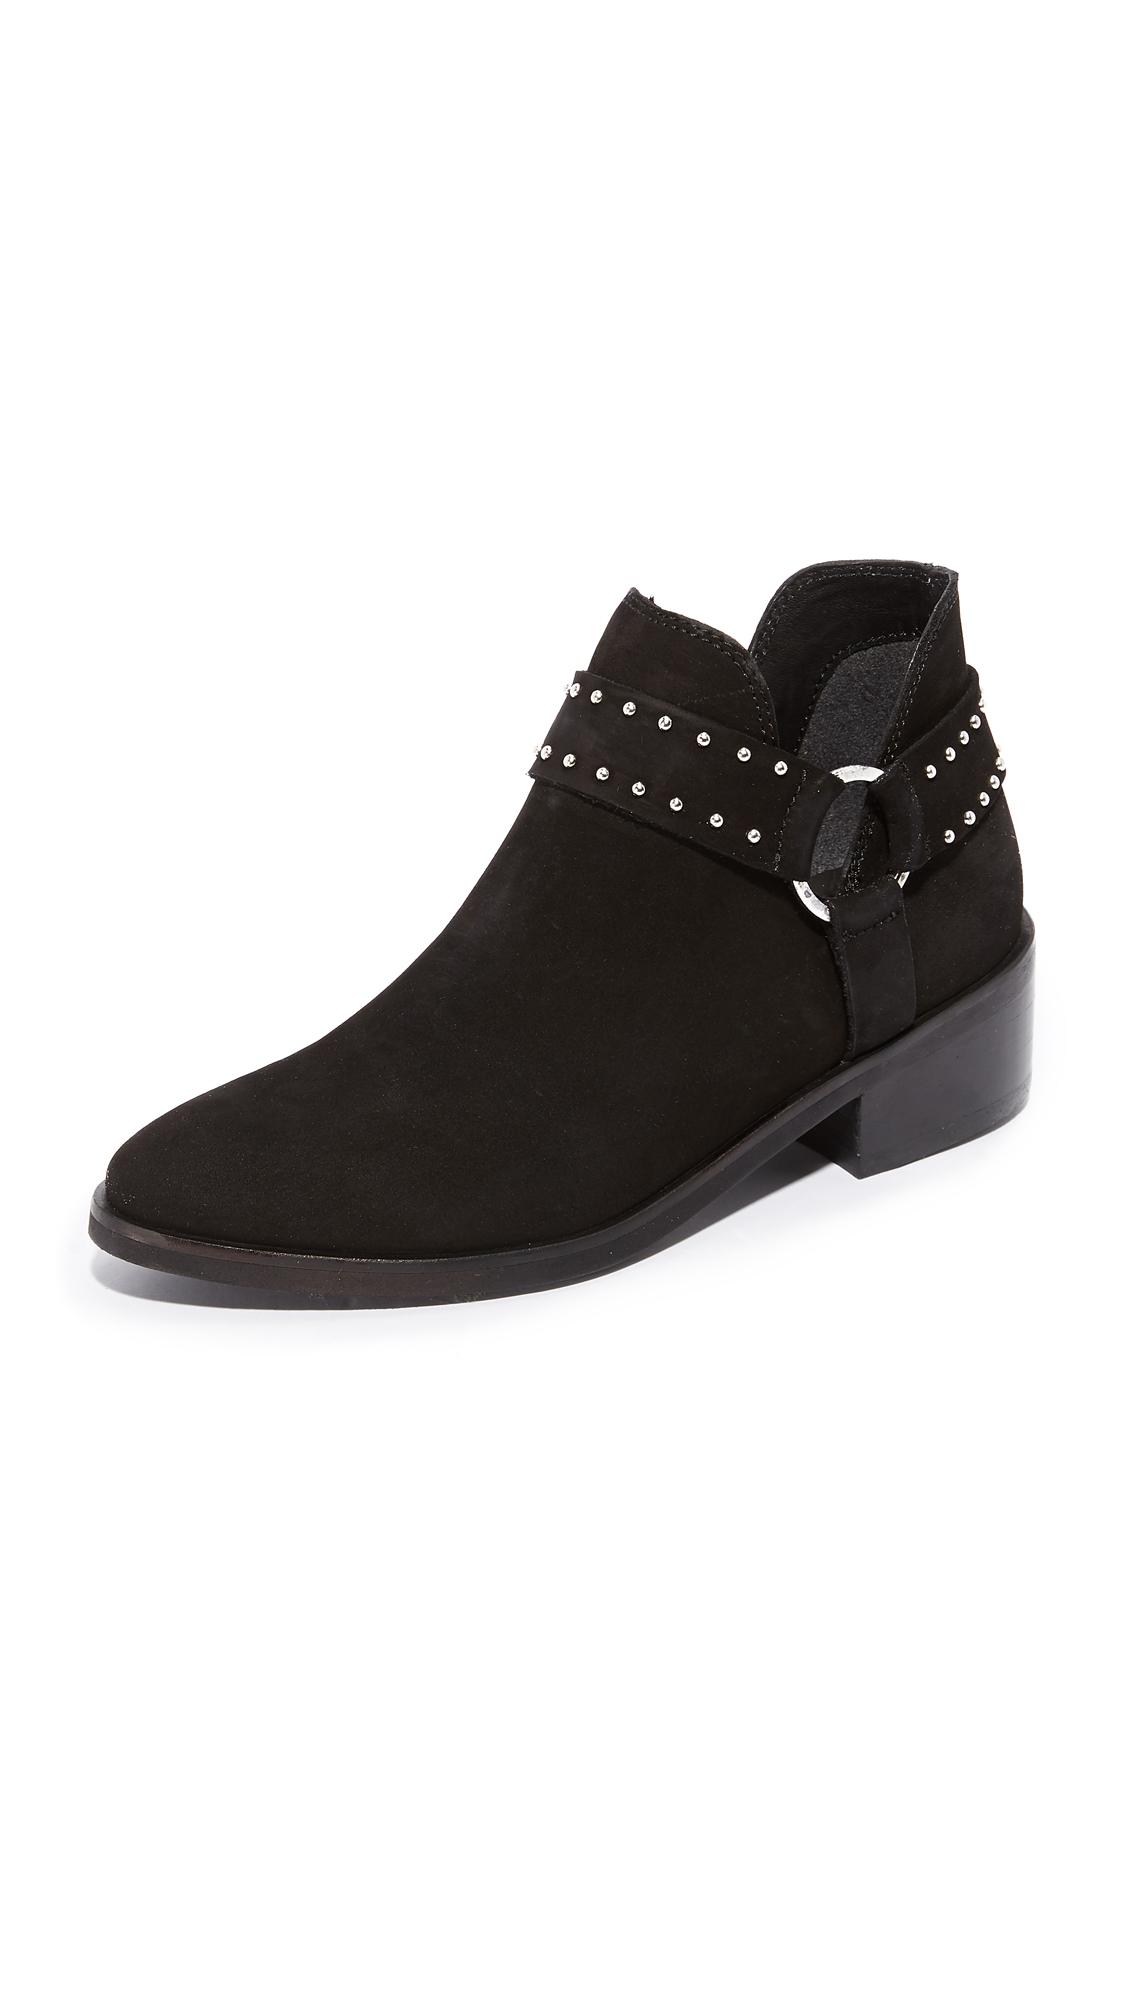 KAANAS Leon Western Booties - Black